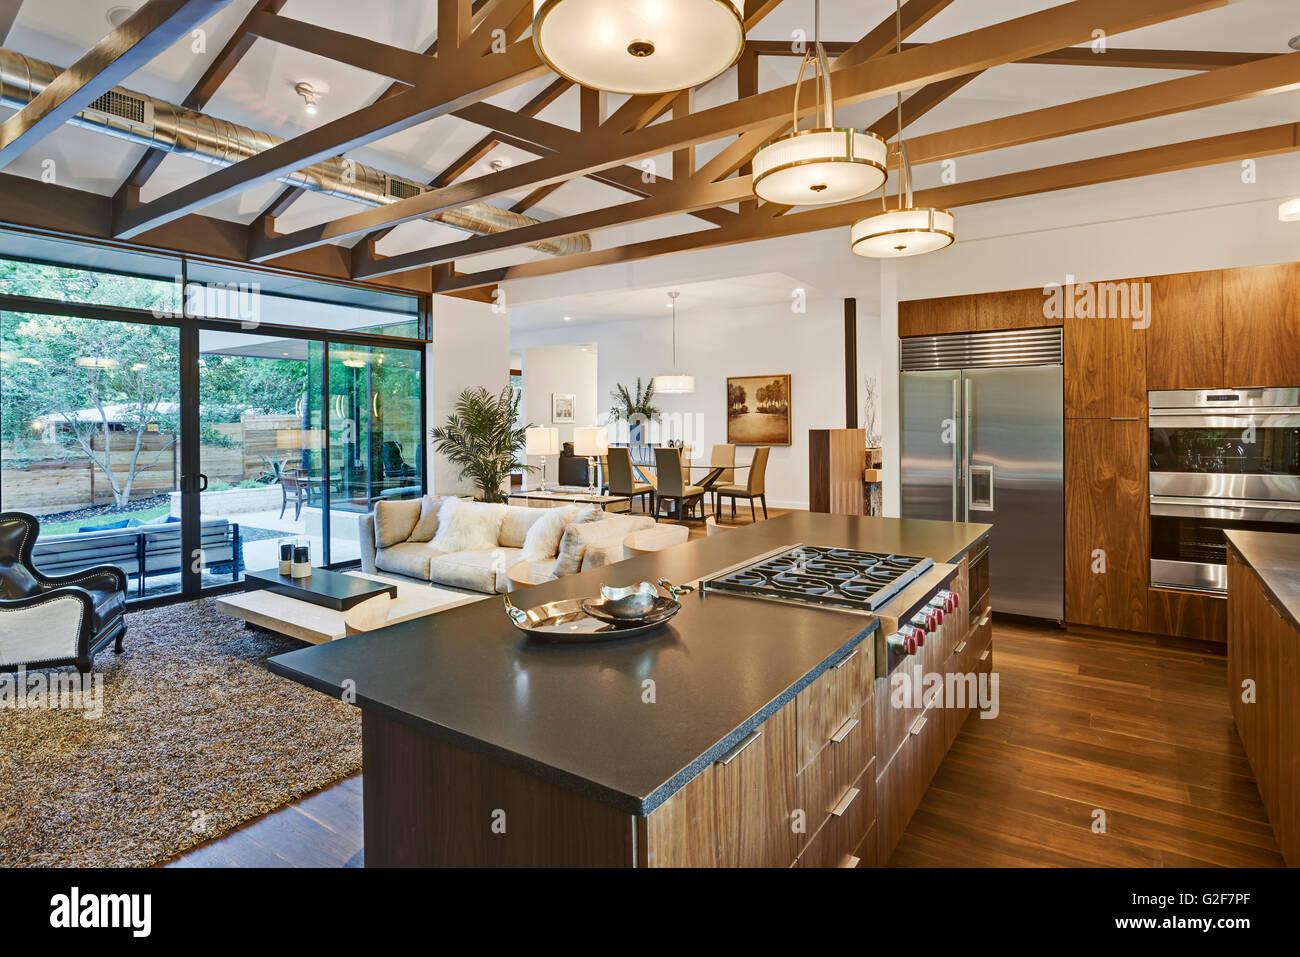 Offener Grundriss Des Hauses Mit Küche, Wohnzimmer Und Esszimmer Mit Blick  Auf Hinterhof